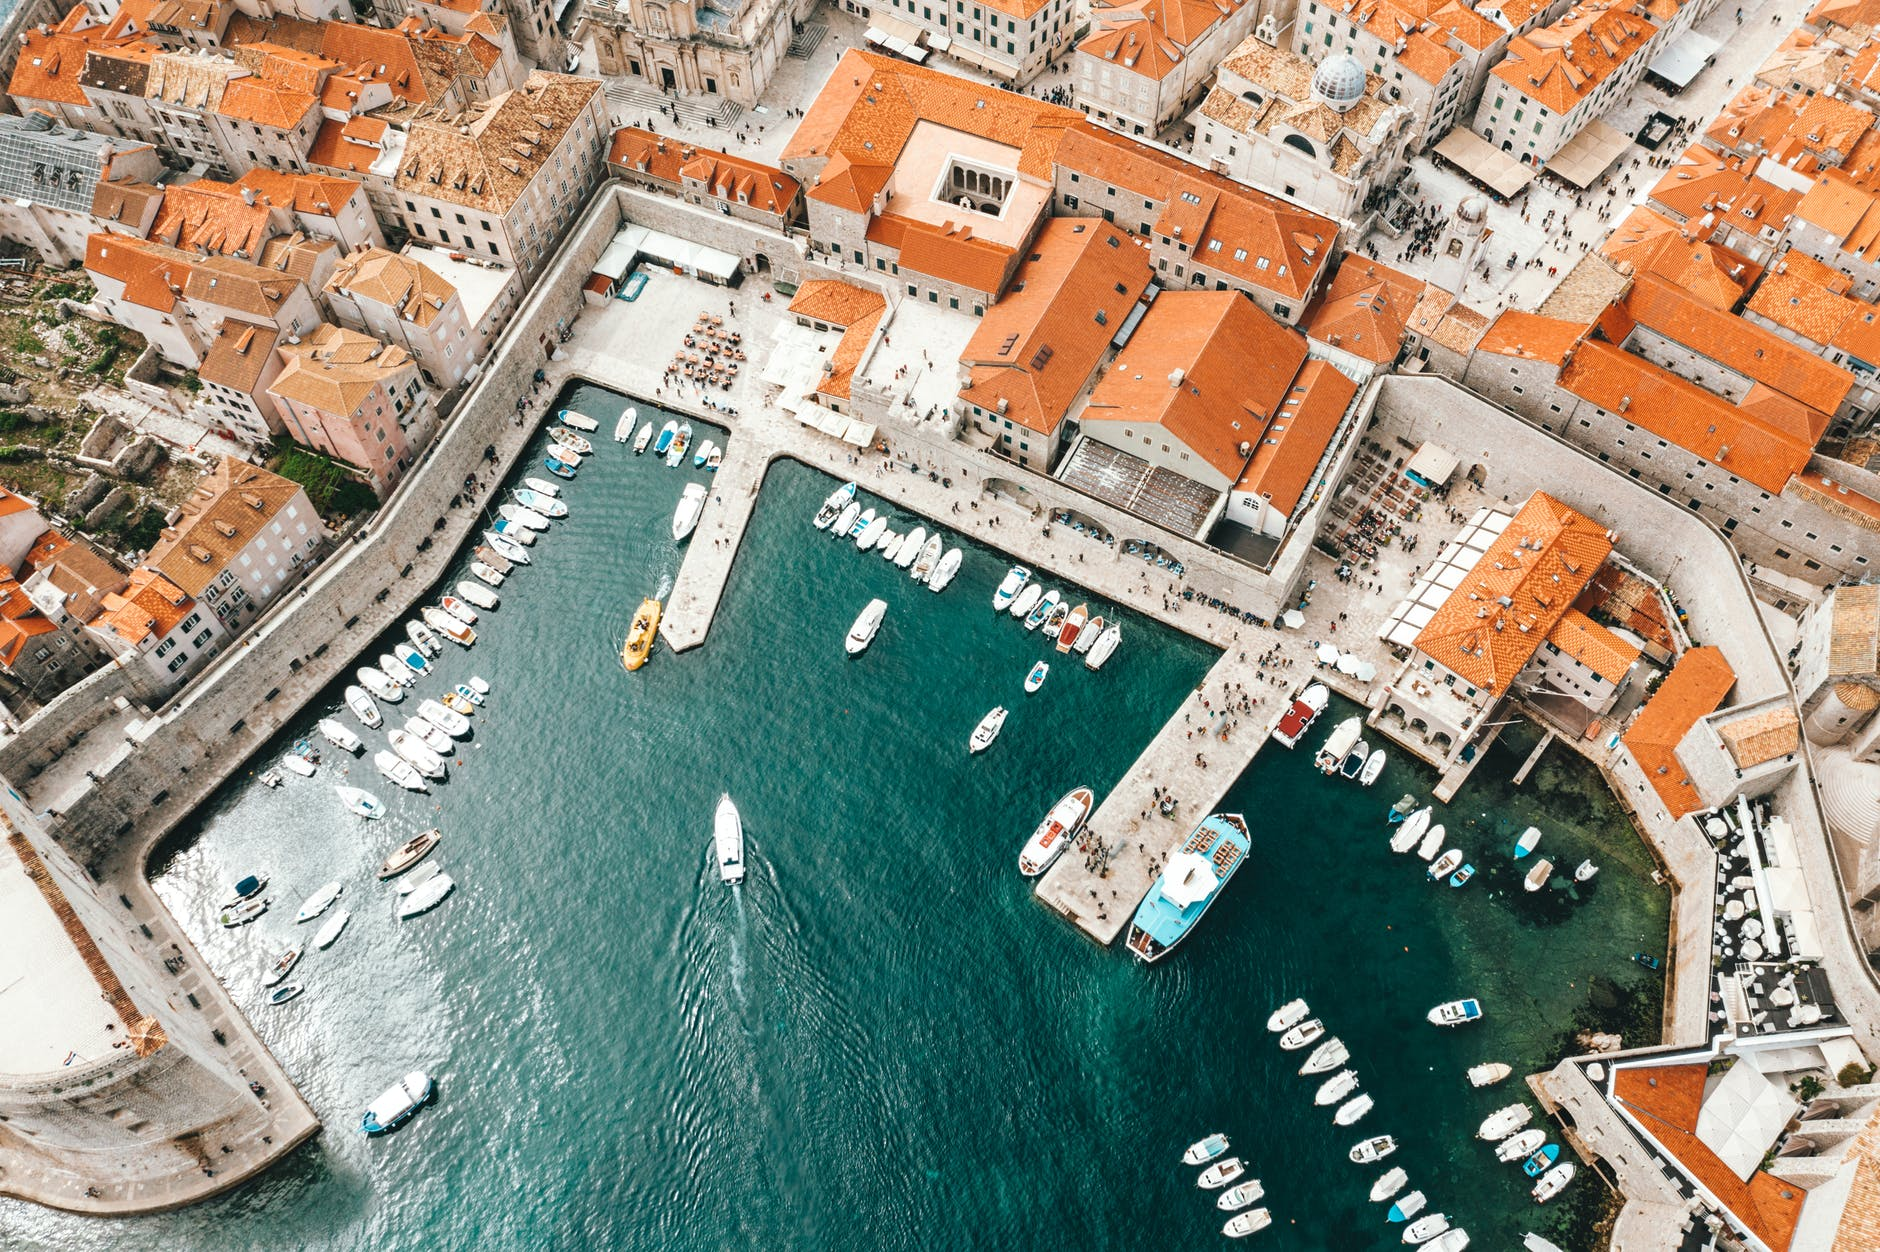 molo-con-barcheDove pubblicare annuncio barca